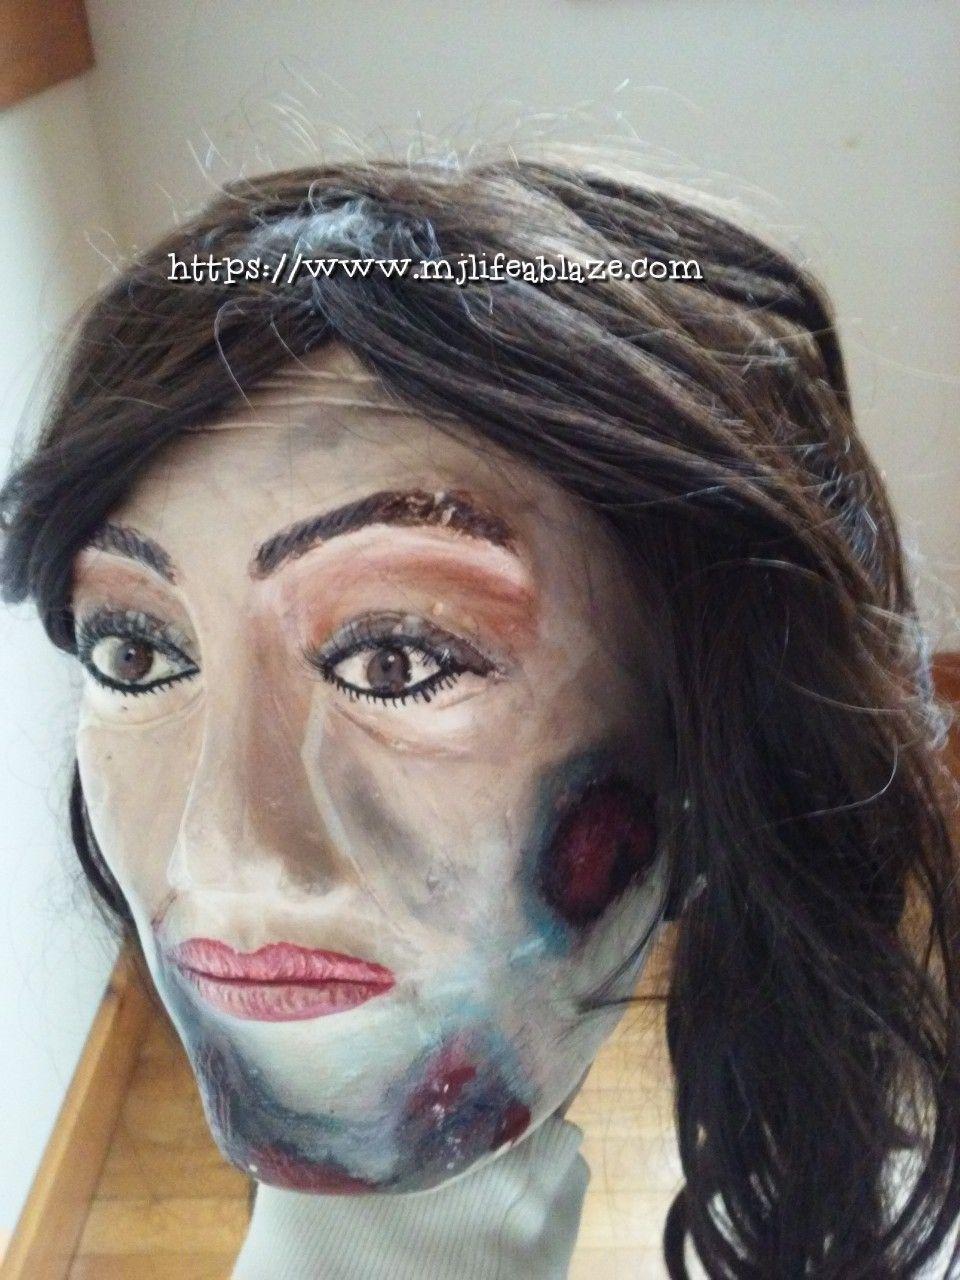 Pin by MJ LifeAblaze on MJ LifeAblaze's Art Face makeup